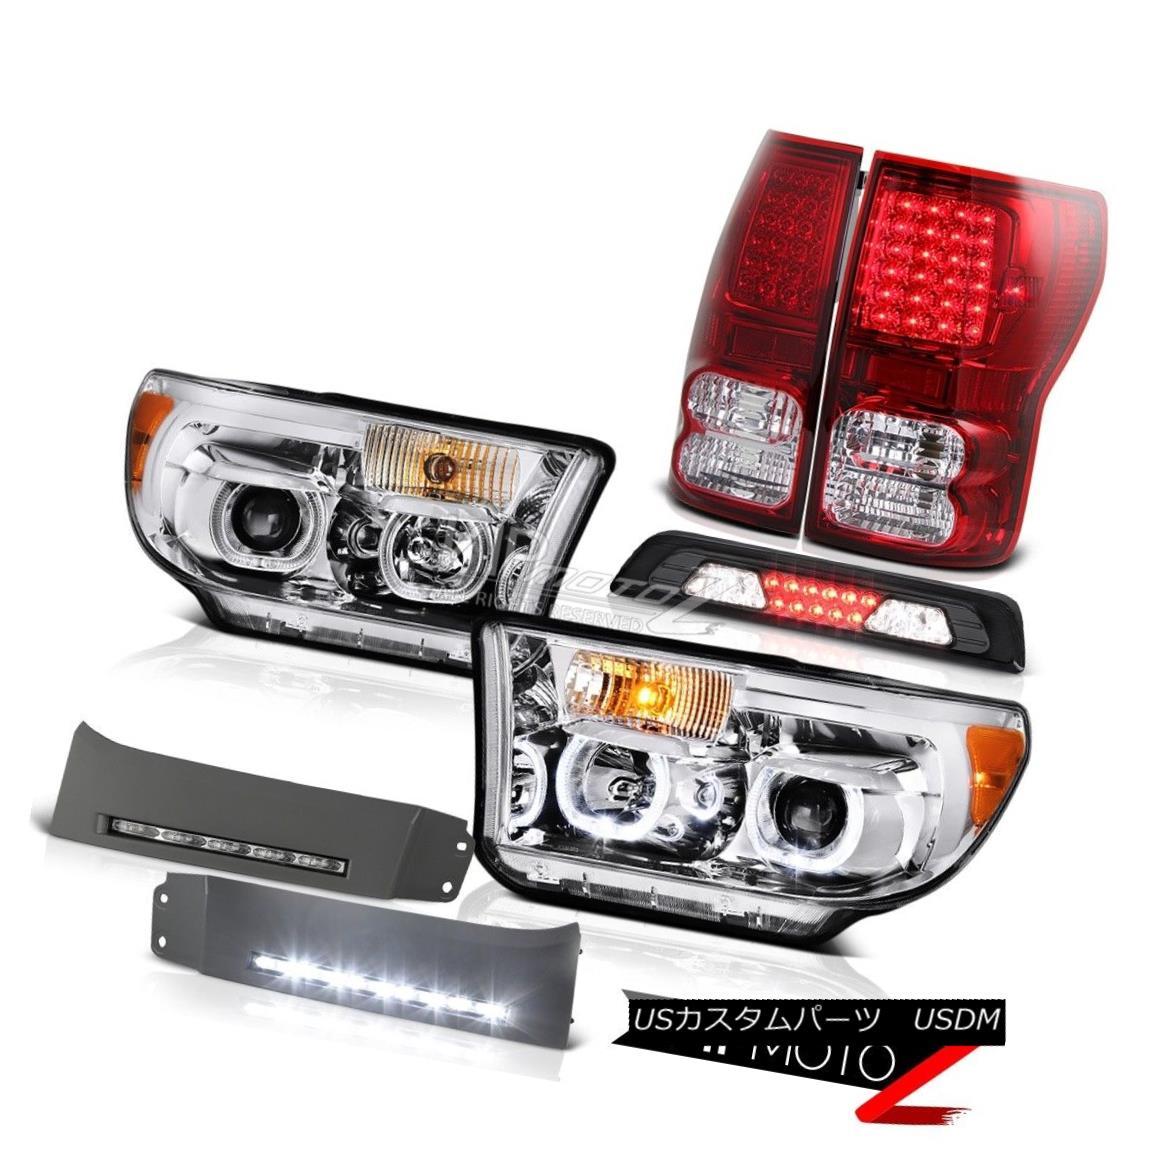 【楽天最安値に挑戦】 テールライト Red 07-13 Toyota Tundra SR5 Headlights SR5 Headlights Bumper DRL Roof Cab Lamp Red Taillights LED 07-13トヨタトンドラSR5ヘッドライトバンパーDRLルーフキャブランプ赤い灯具LED, ゴルフハウス はかた家:dd8297e8 --- irecyclecampaign.org